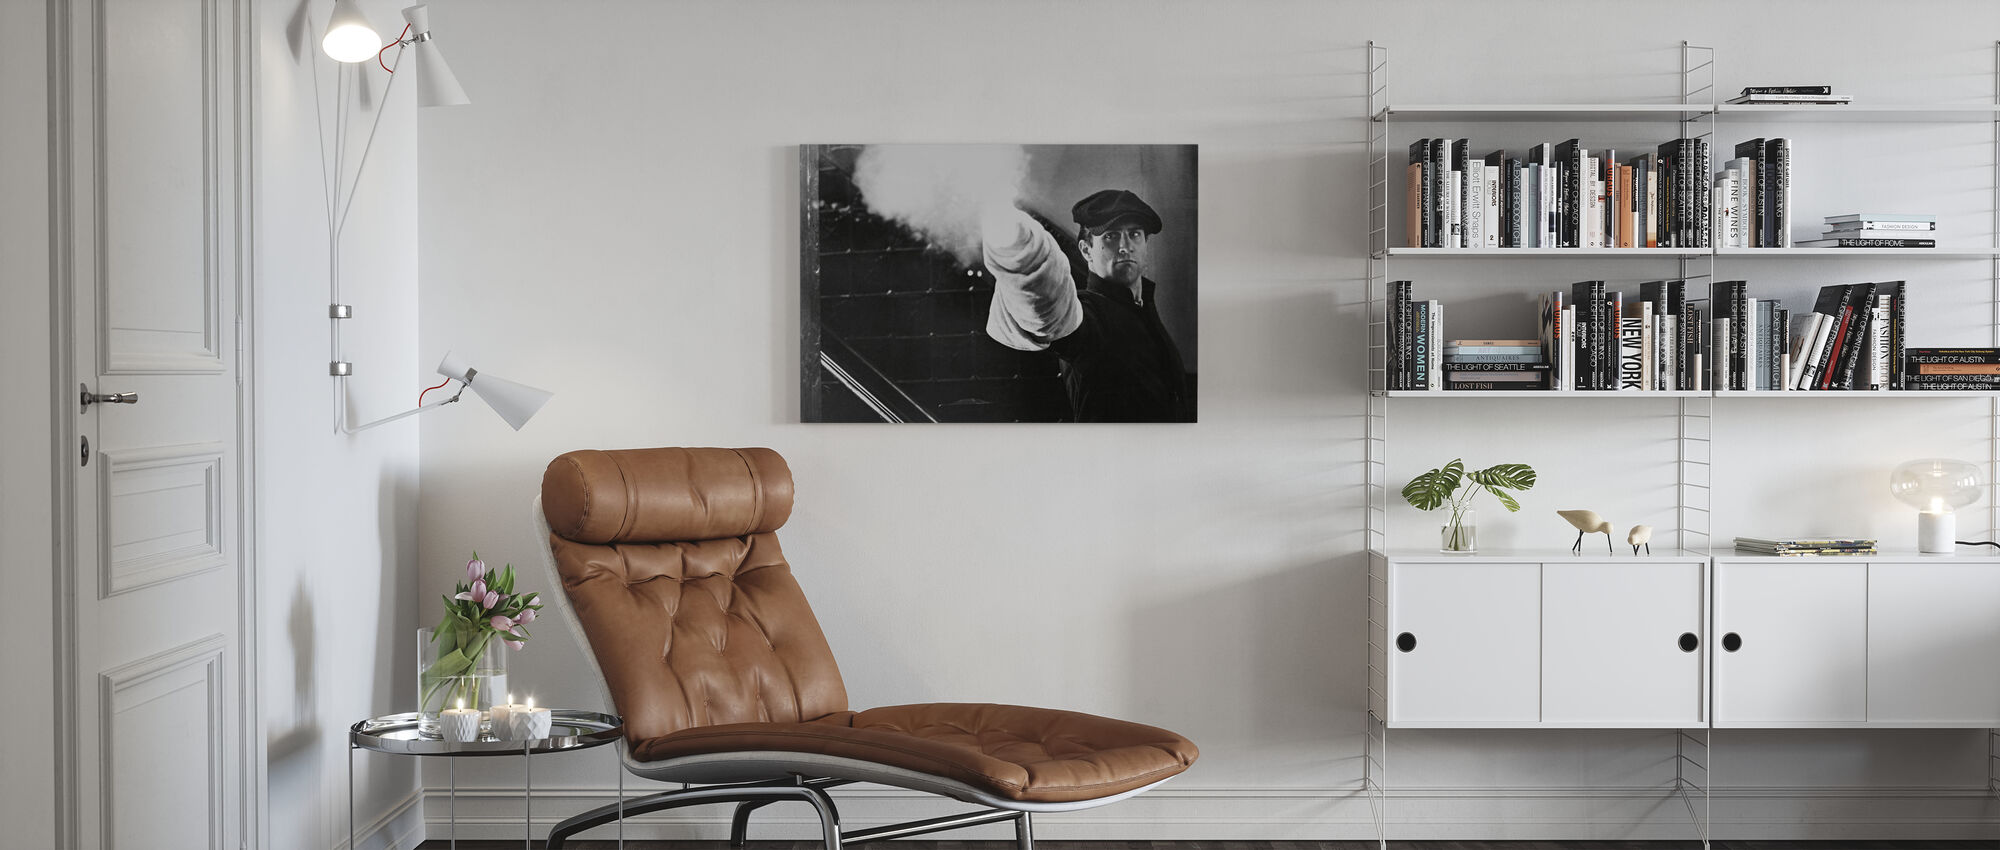 Robert De Niro in the Godfather Part II - Canvas print - Living Room